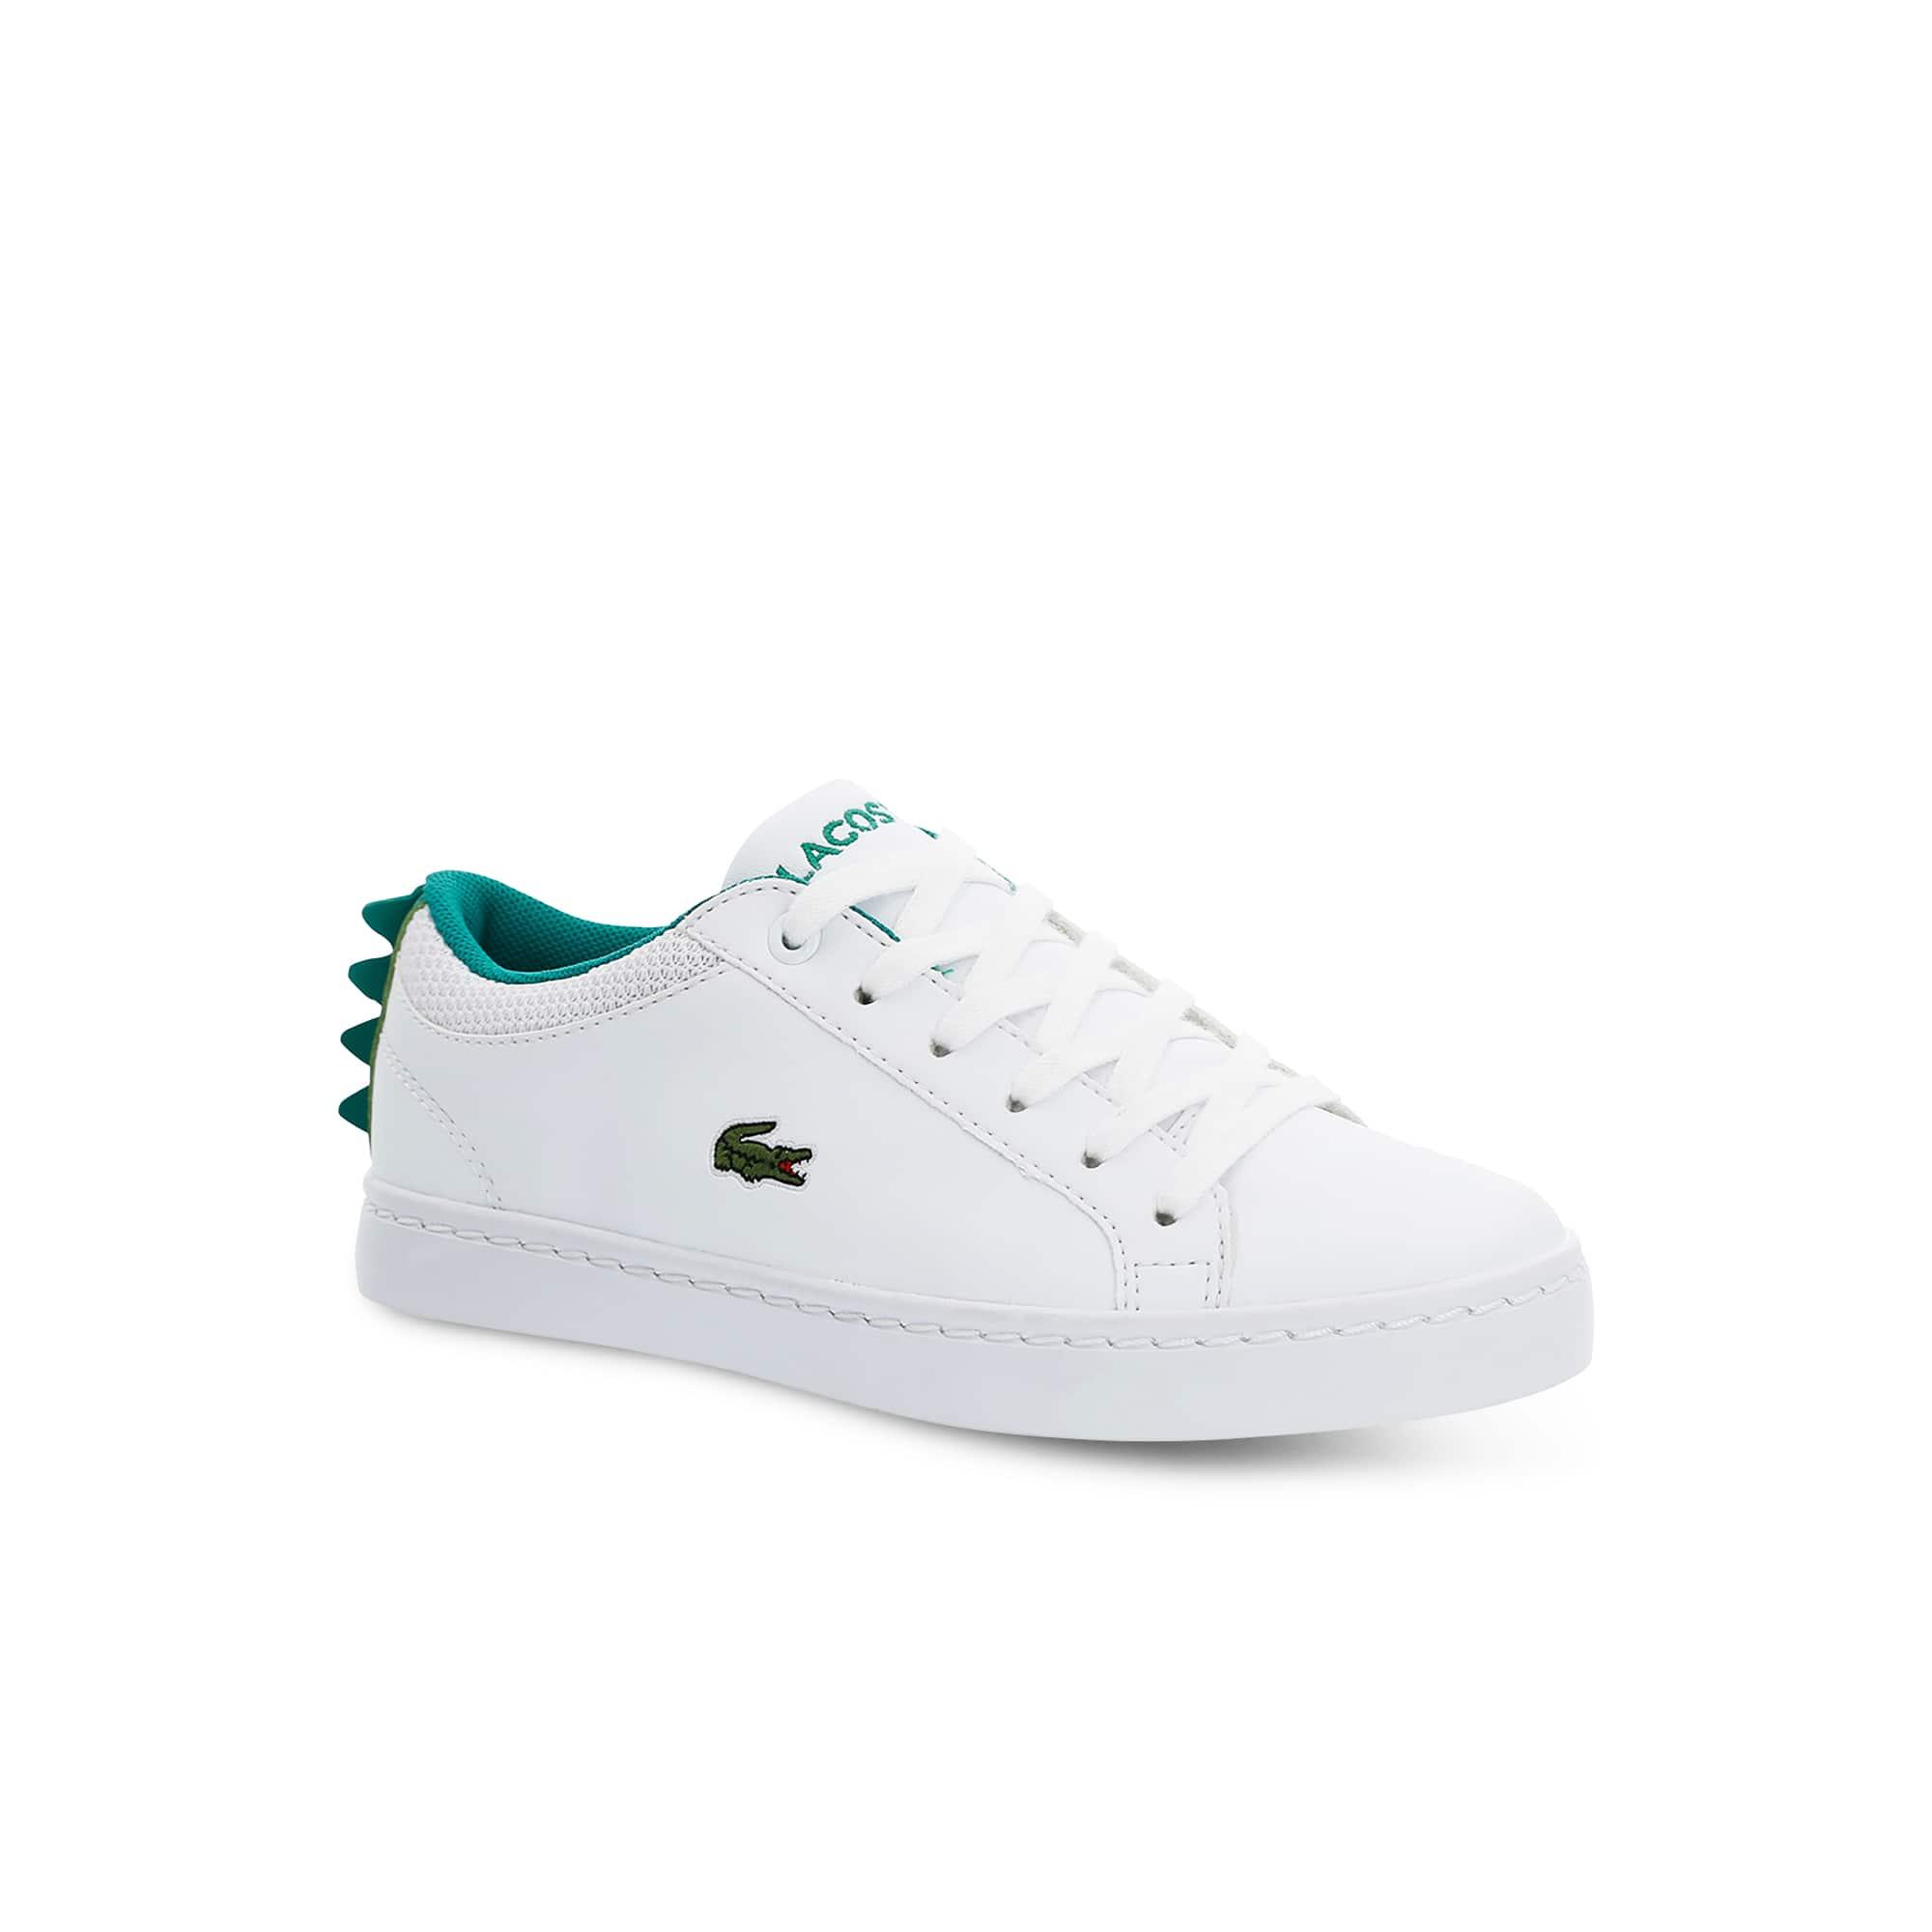 e659f3cb30 Chaussures enfant : derbies & sneakers enfant | LACOSTE